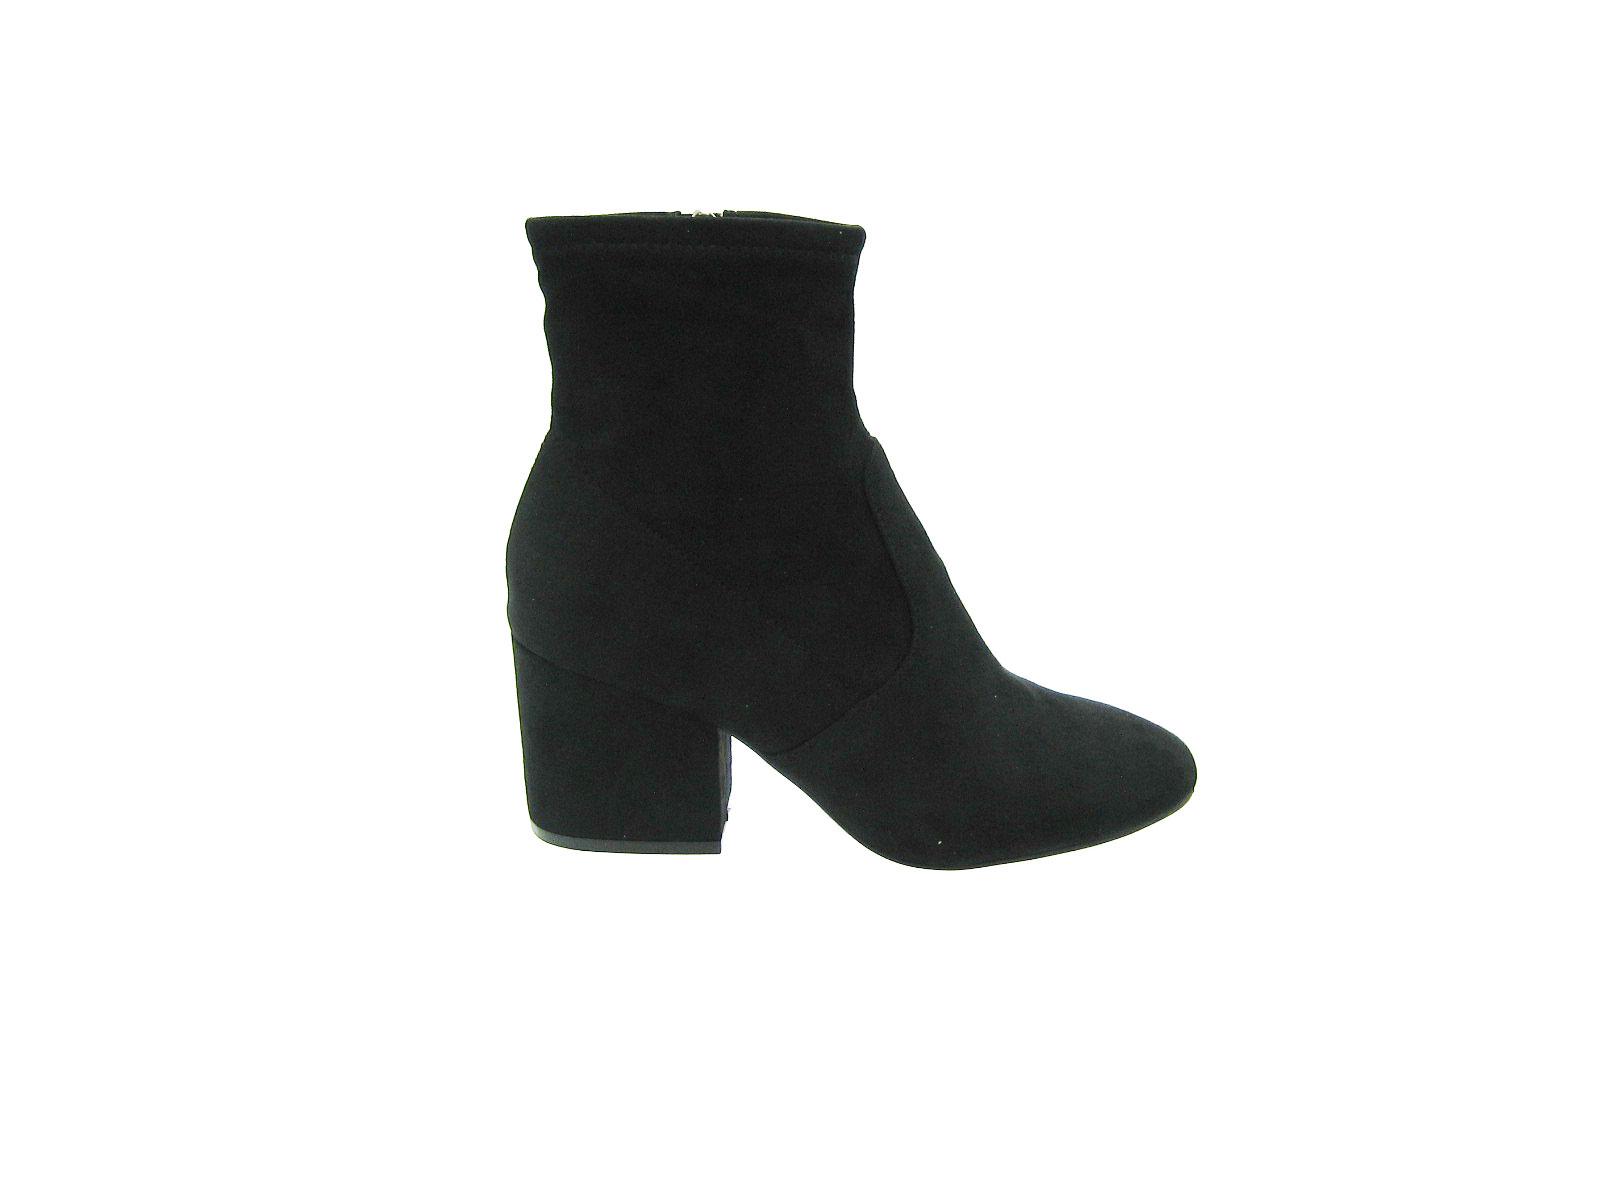 mejor lugar busca lo último disfruta del precio inferior Steve madden Iberia Micro suede black Donna - Pierrot calzature